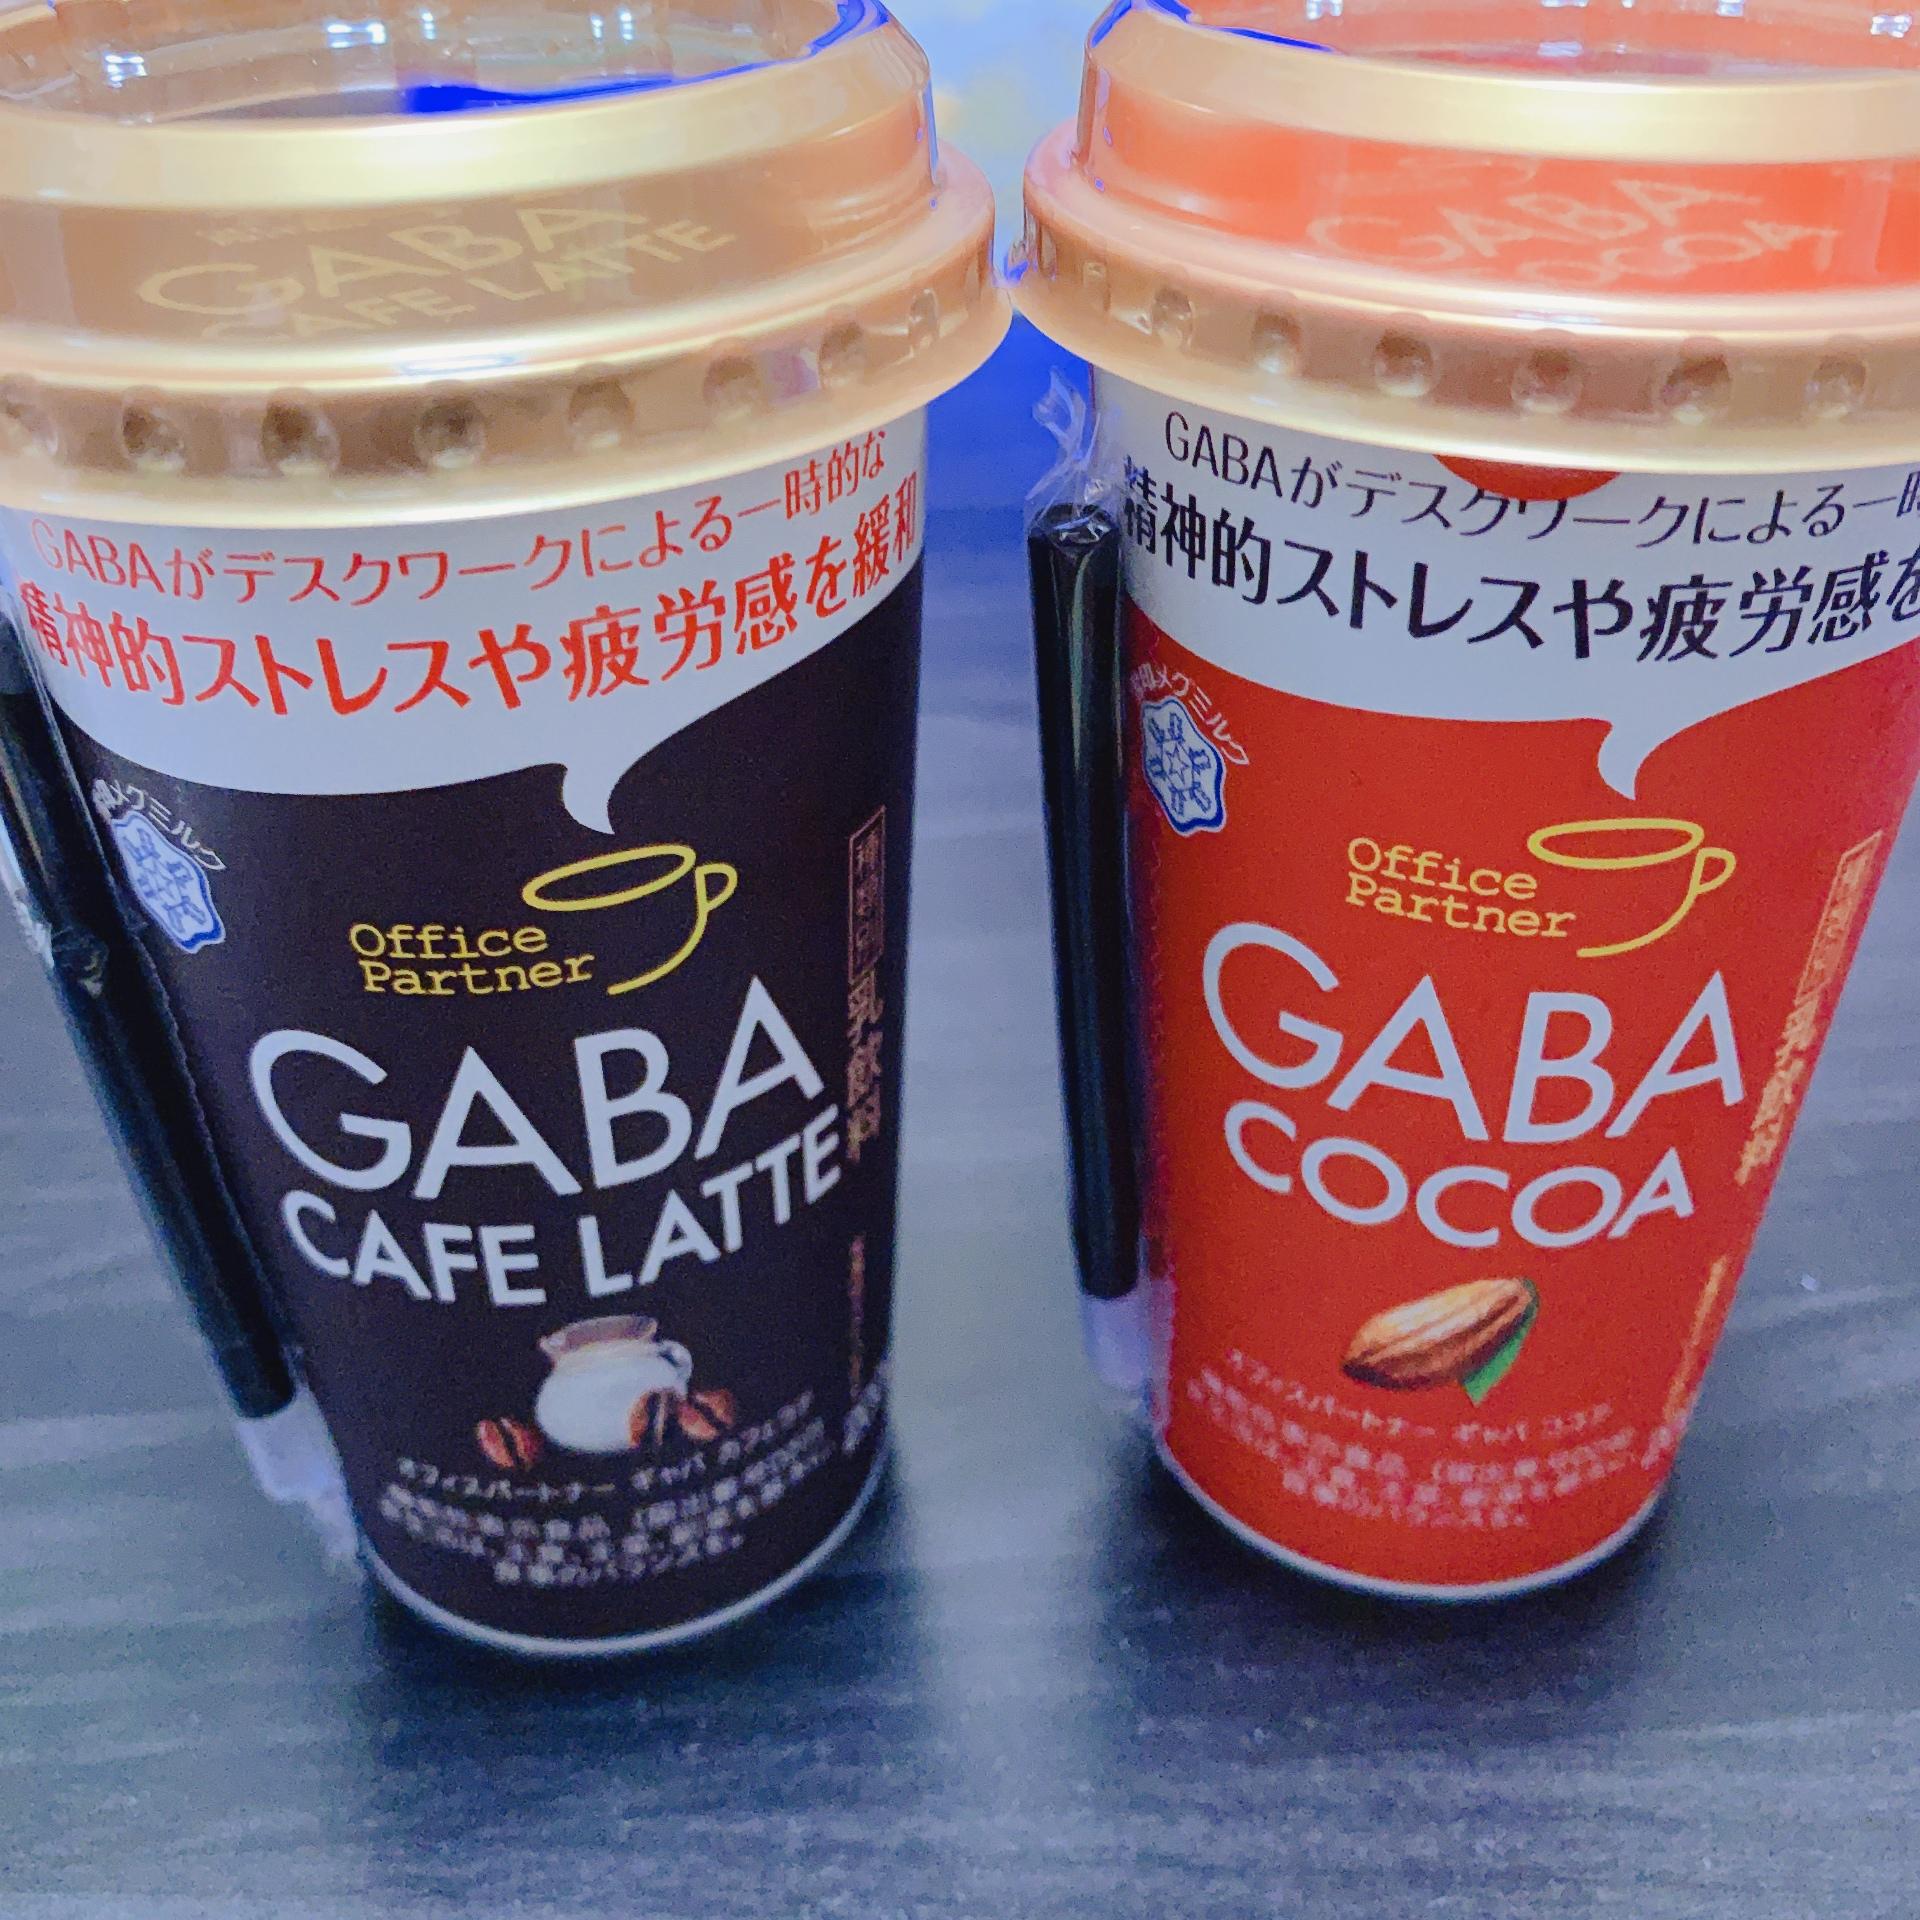 雪印 GAVA cocoaとcafe latteの写真